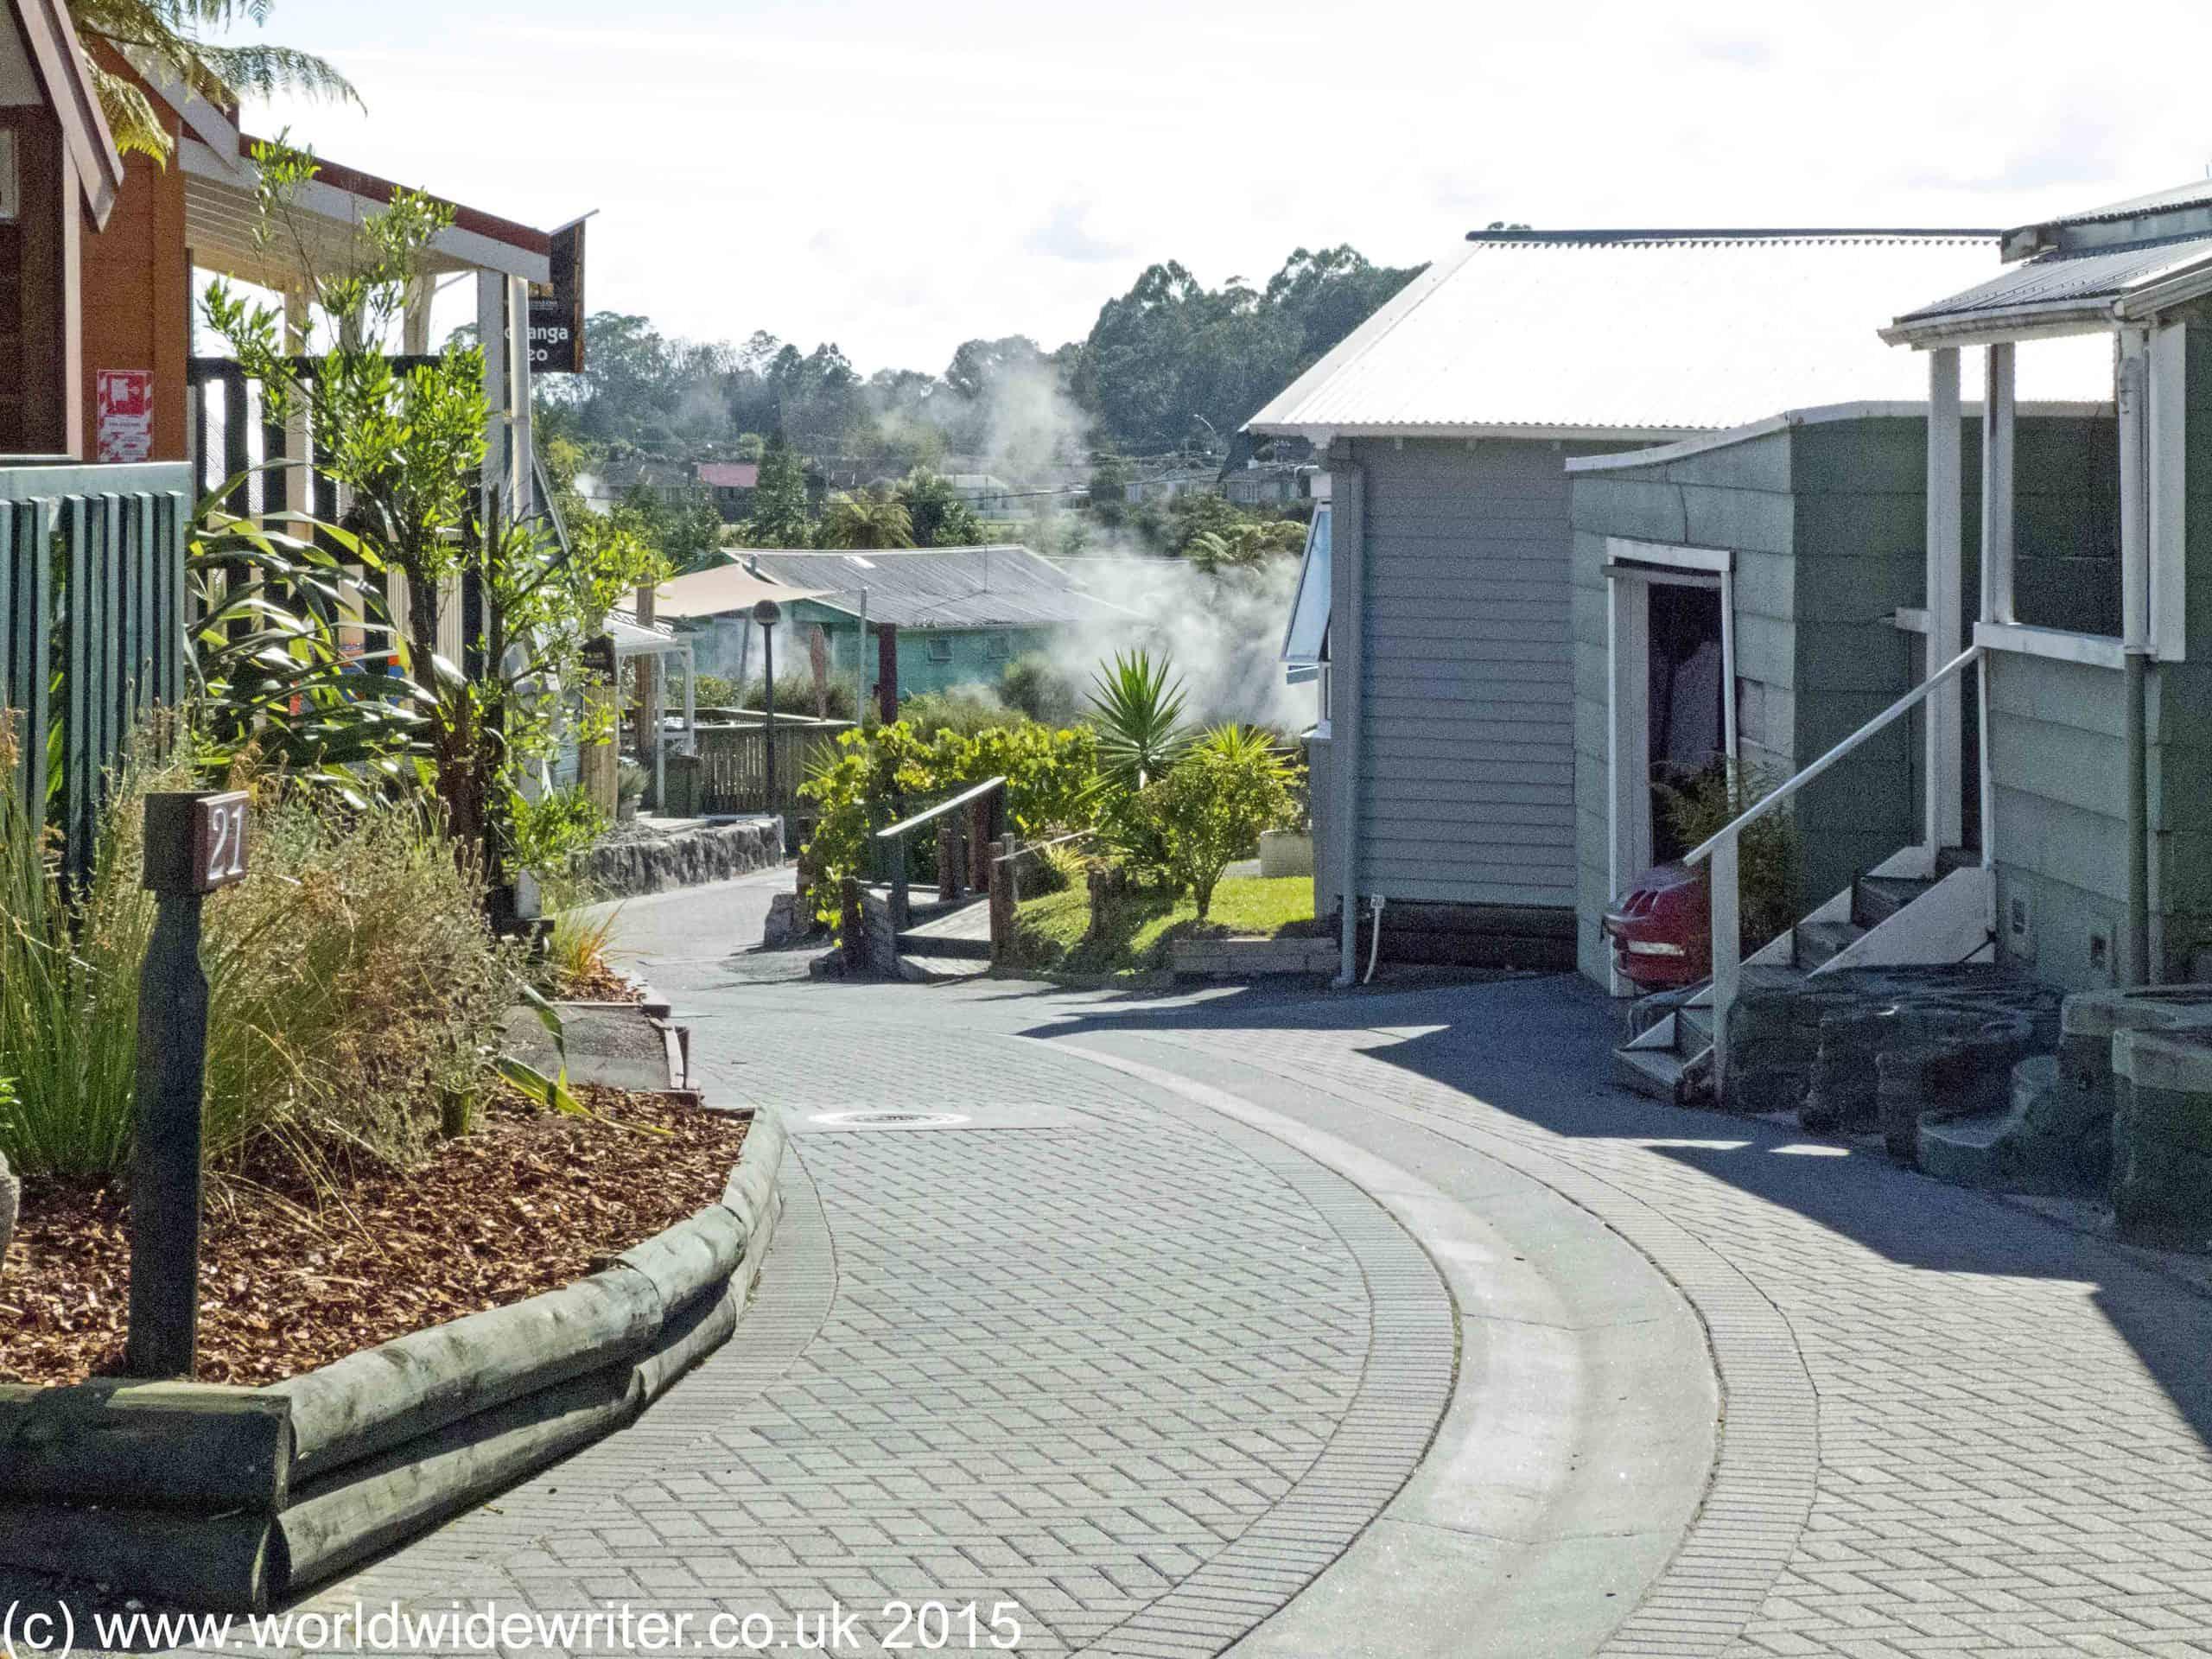 Whakarewarewa, New Zealand - www.worldwidewriter.co.uk